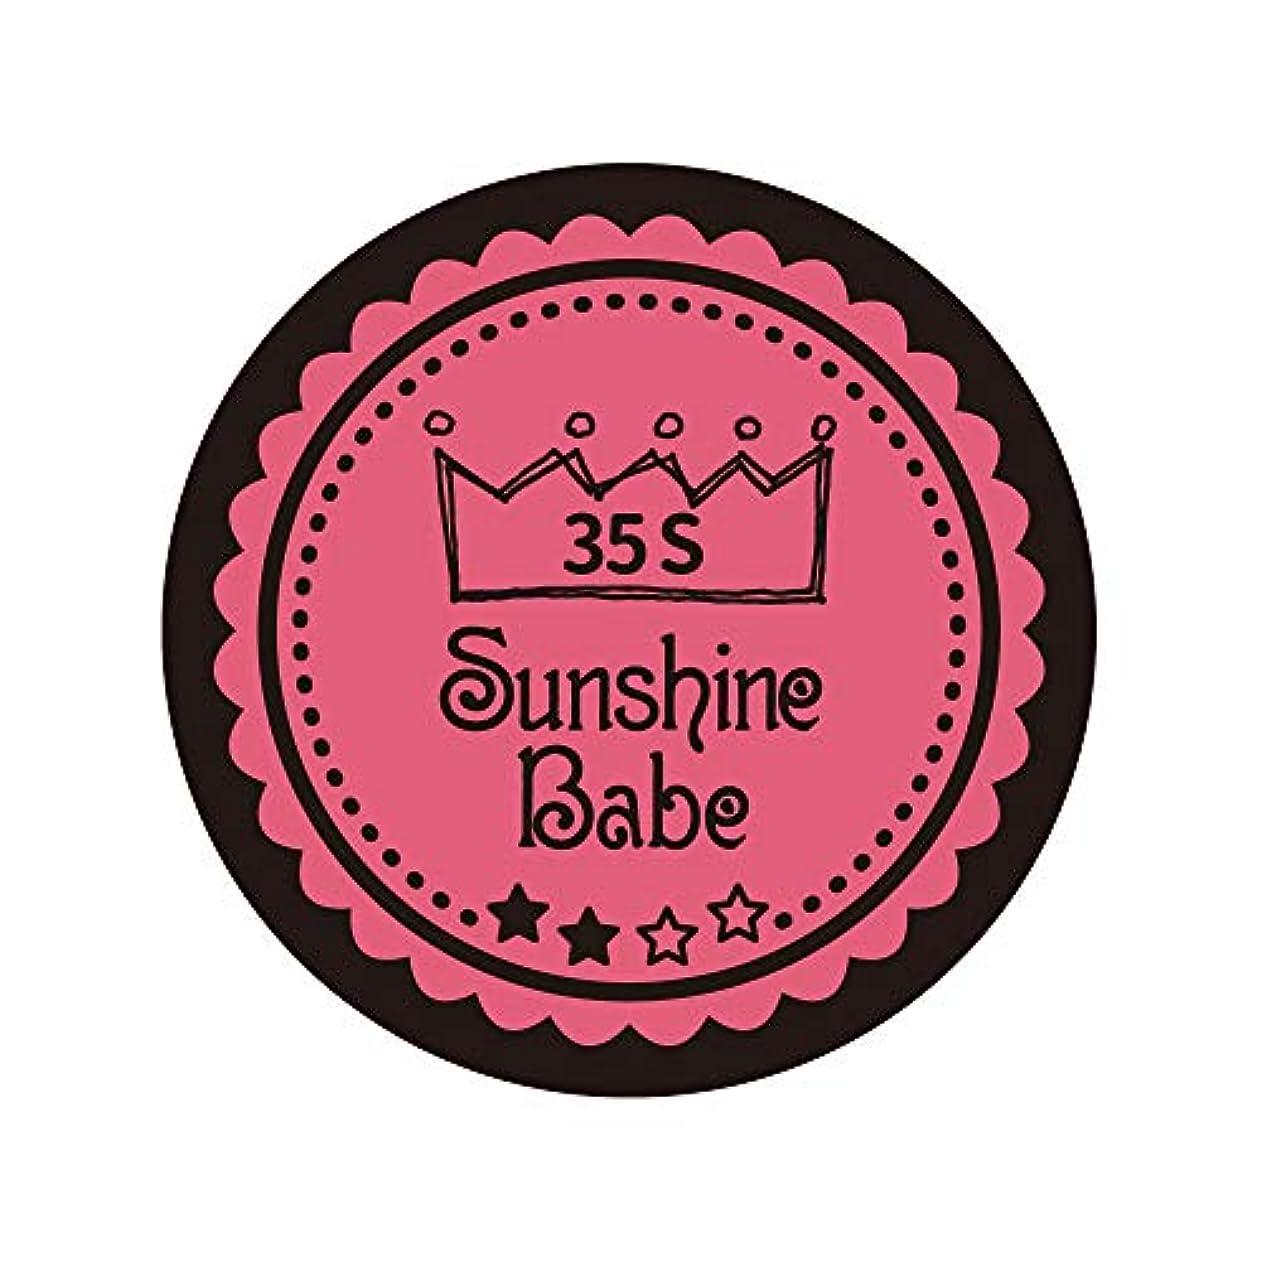 最大限インデックス凶暴なSunshine Babe カラージェル 35S ローズピンク 2.7g UV/LED対応